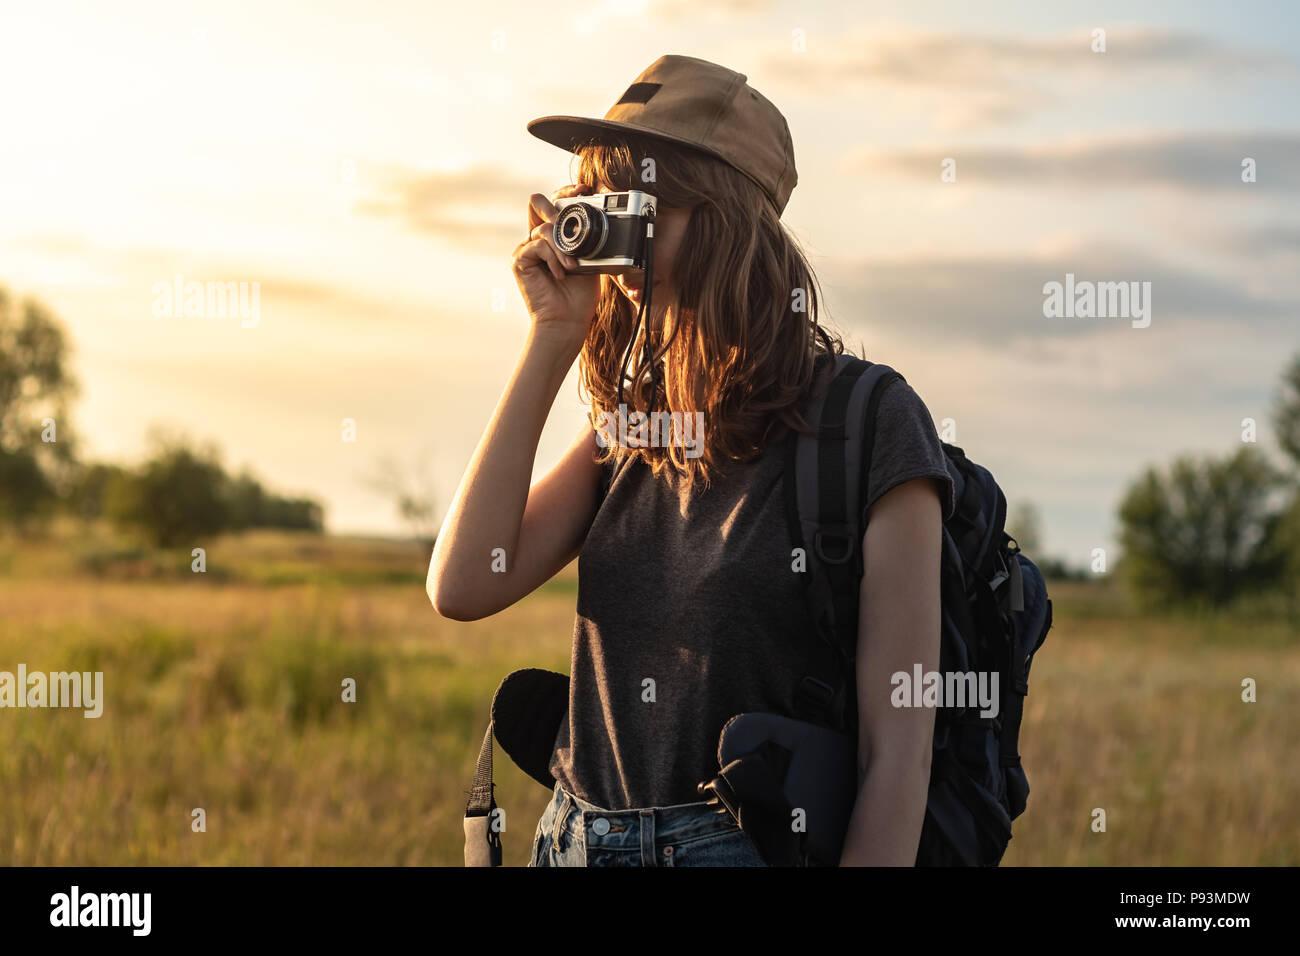 Jóvenes mujeres turistas tomando foto a la excursión. Mujer con mochila está al atardecer y fotografías hermosa zona rural Imagen De Stock